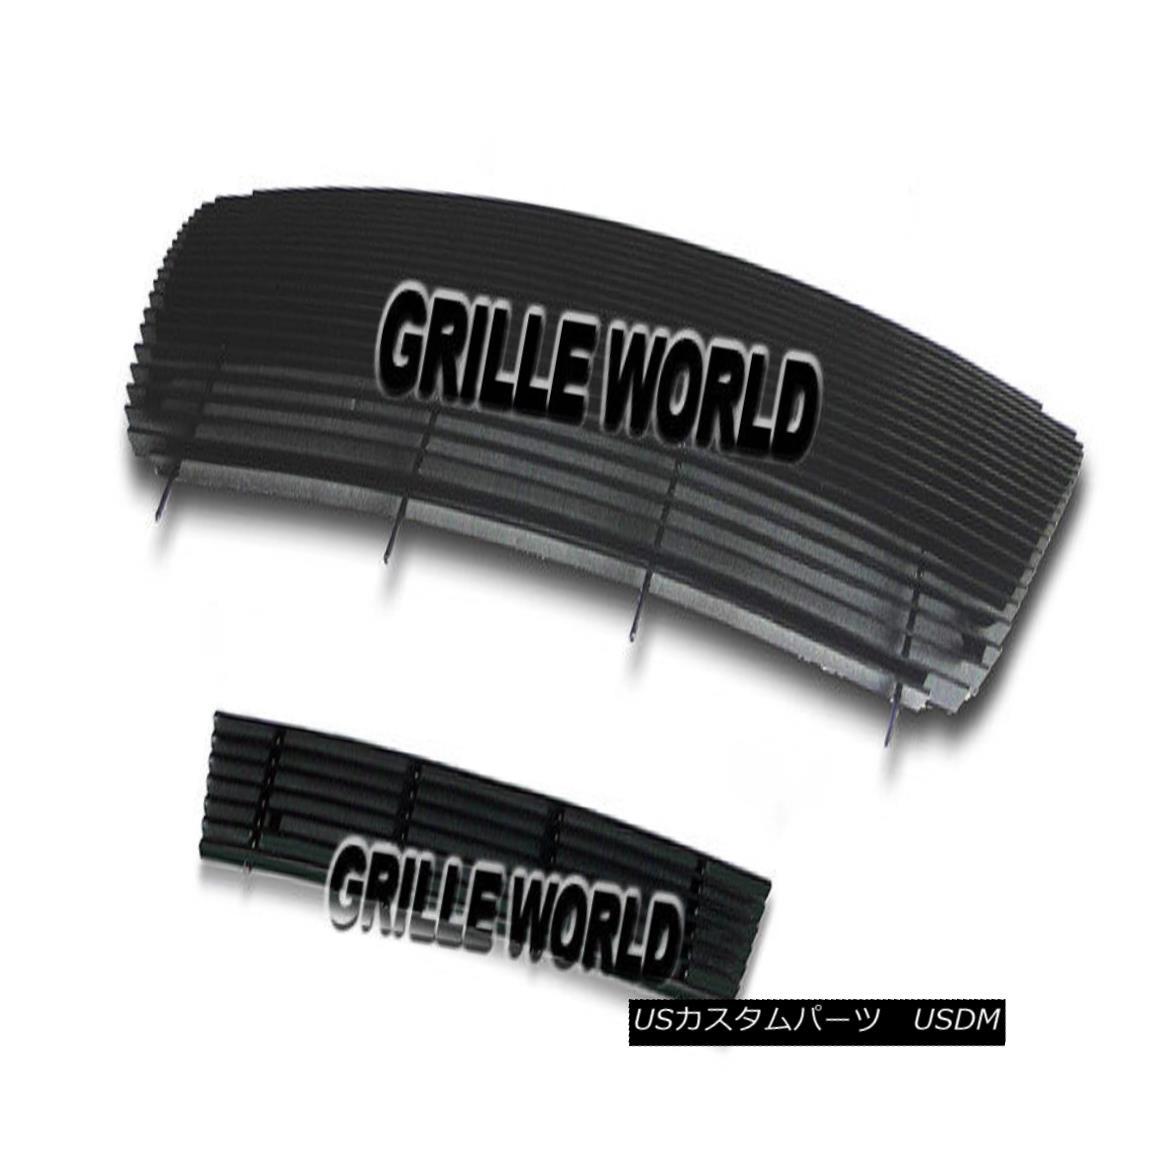 グリル For 04-05 Ford F-150 All Model Black Billet Premium Grille Insert Combo 04-05フォードF-150全モデルブラックビレットプレミアムグリルインサートコンボ用